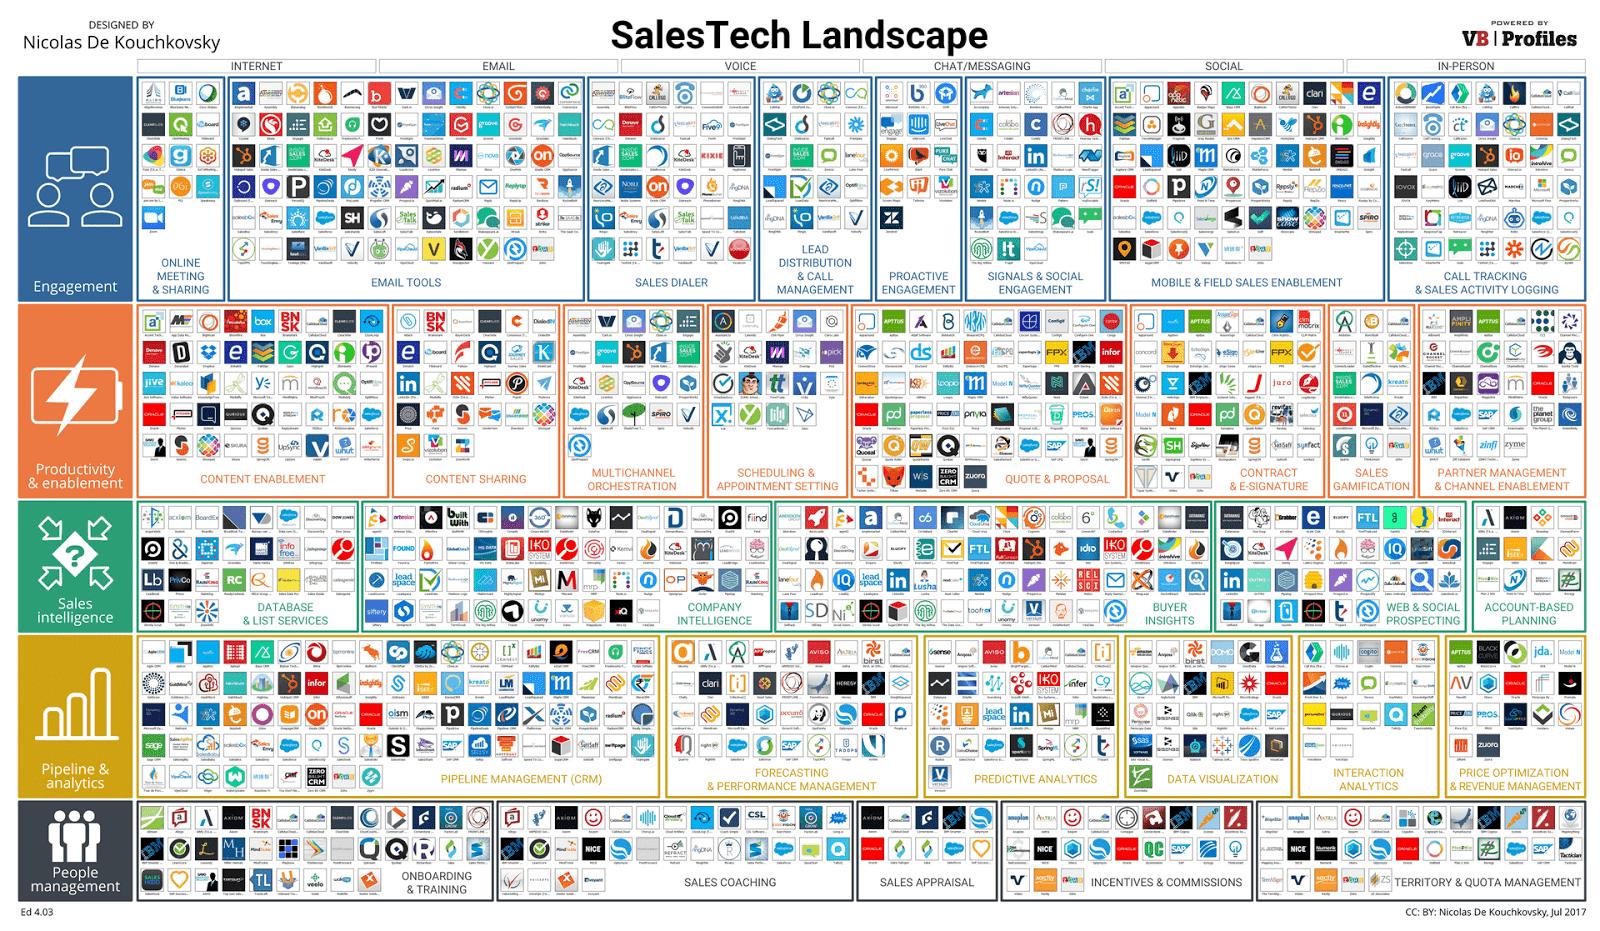 salestech-landscape.png